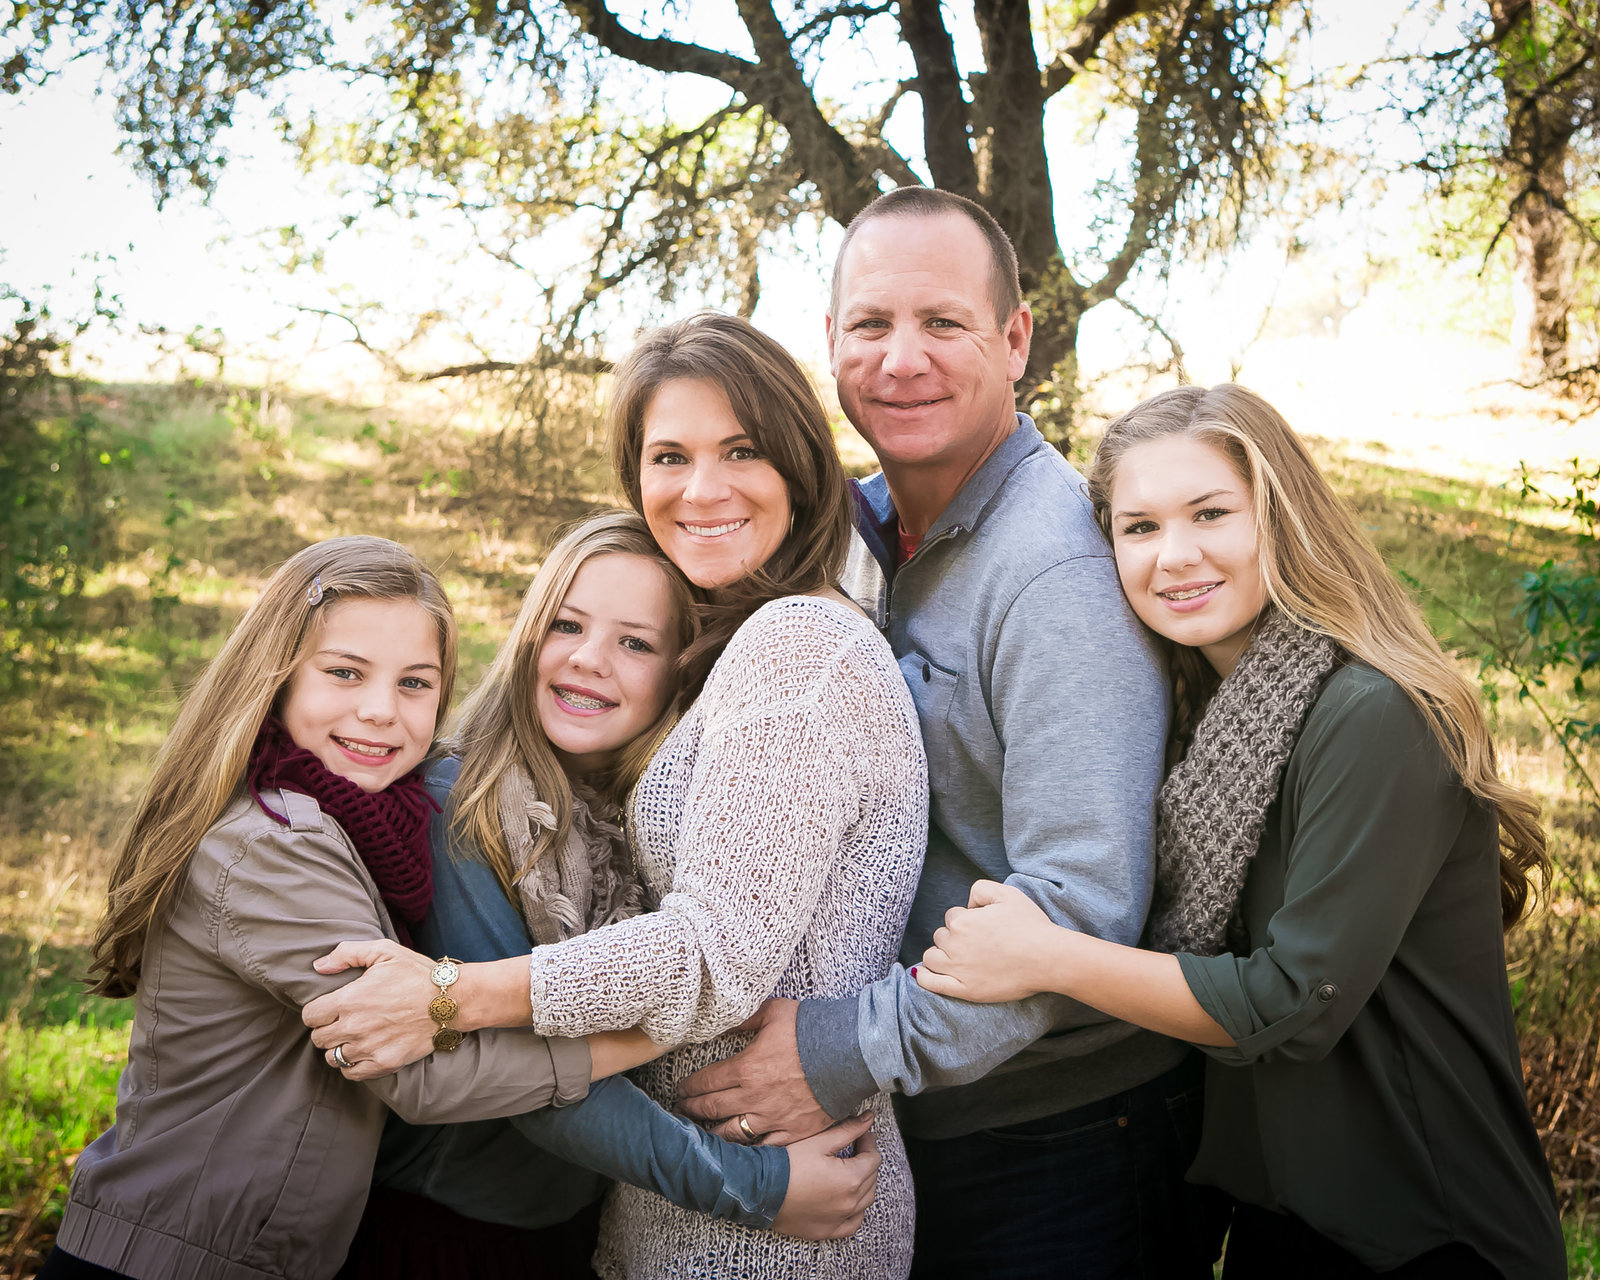 Families_Tastor Family, 2014-138